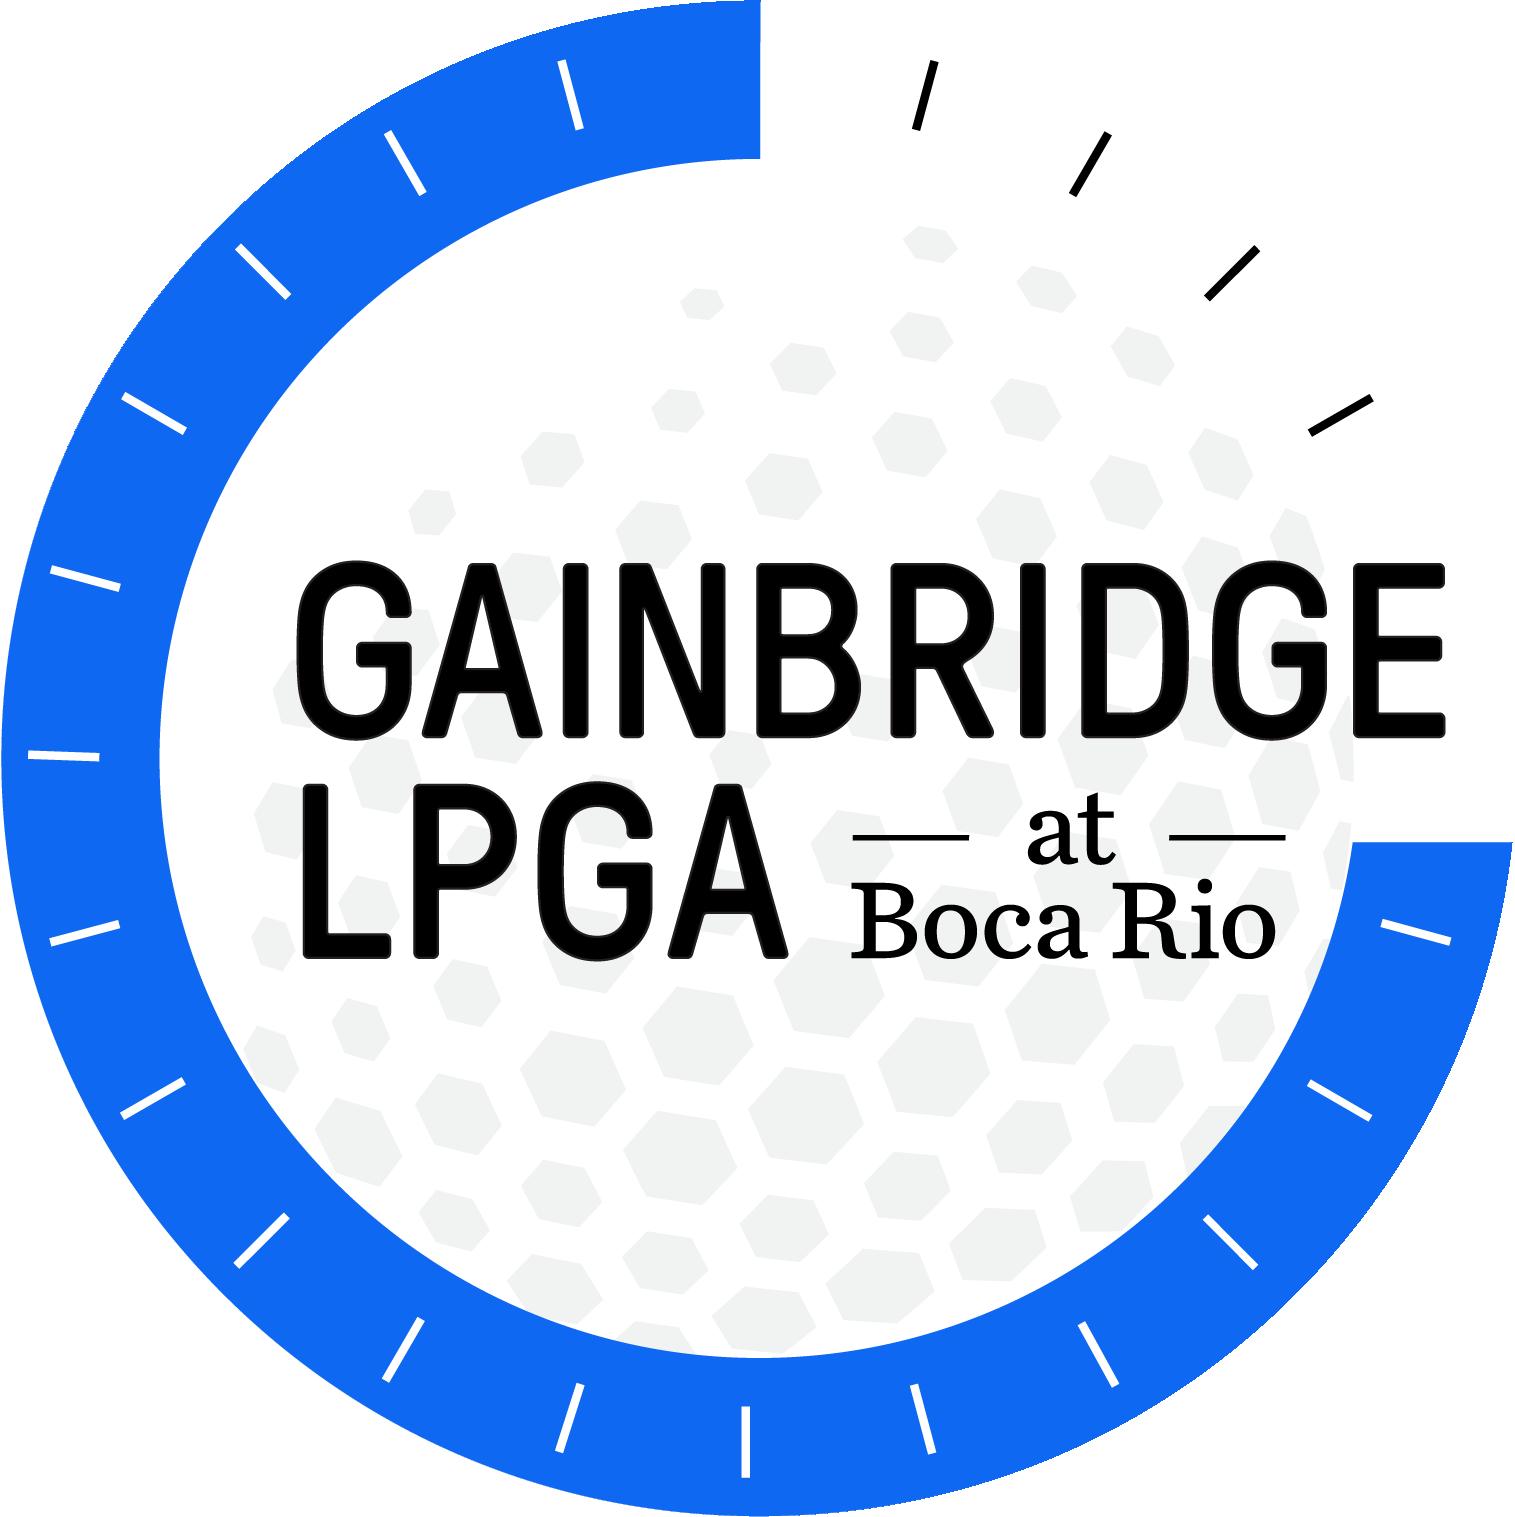 Gainbridge LPGA at Boca Rio Pro Am   's Logo